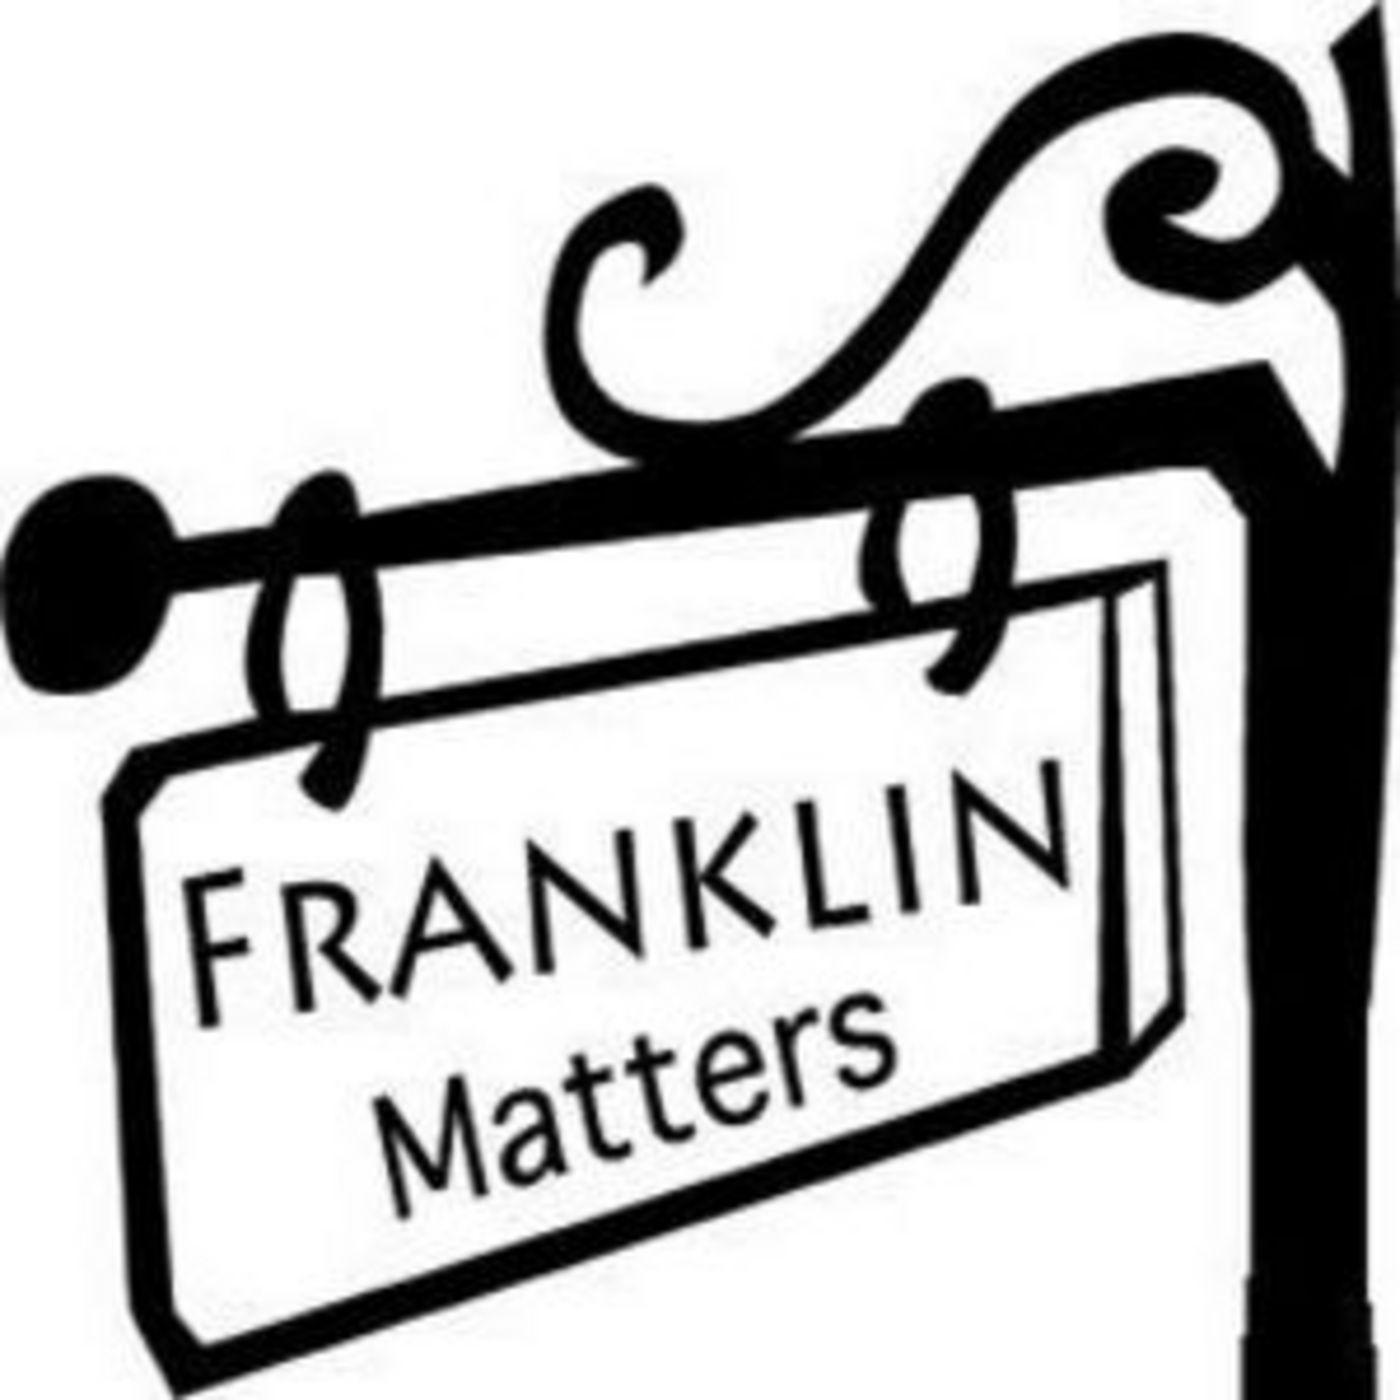 <![CDATA[Franklin (MA) Matters]]>